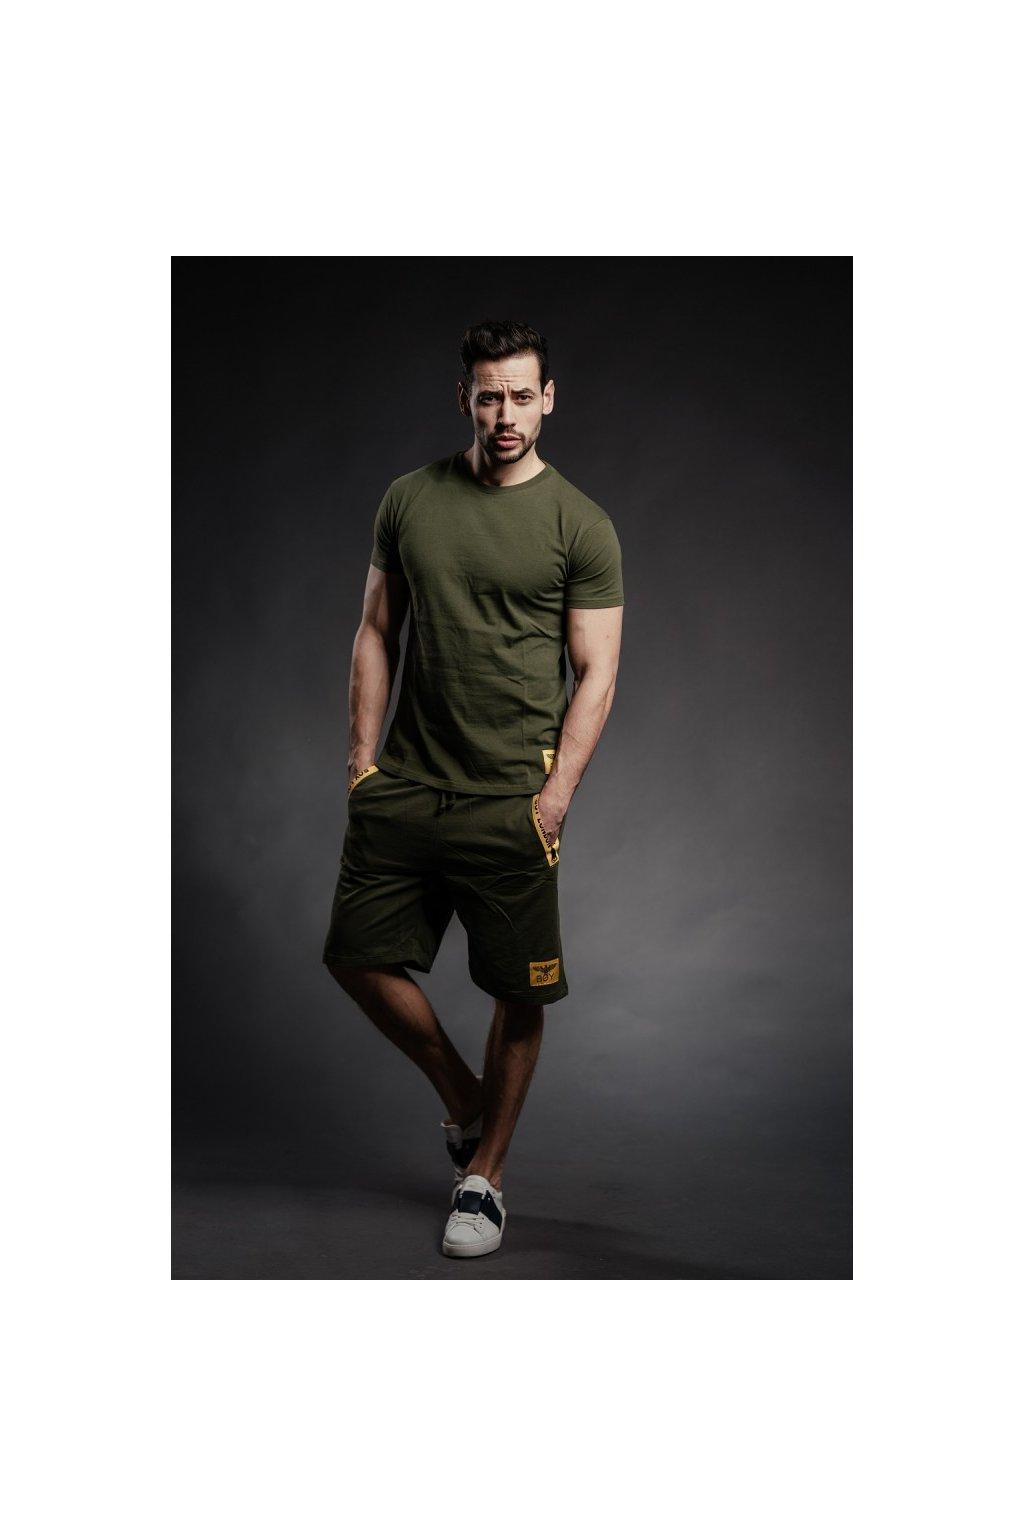 Tričko s malým znakem Boy London - khaki (Velikost Velikost L)